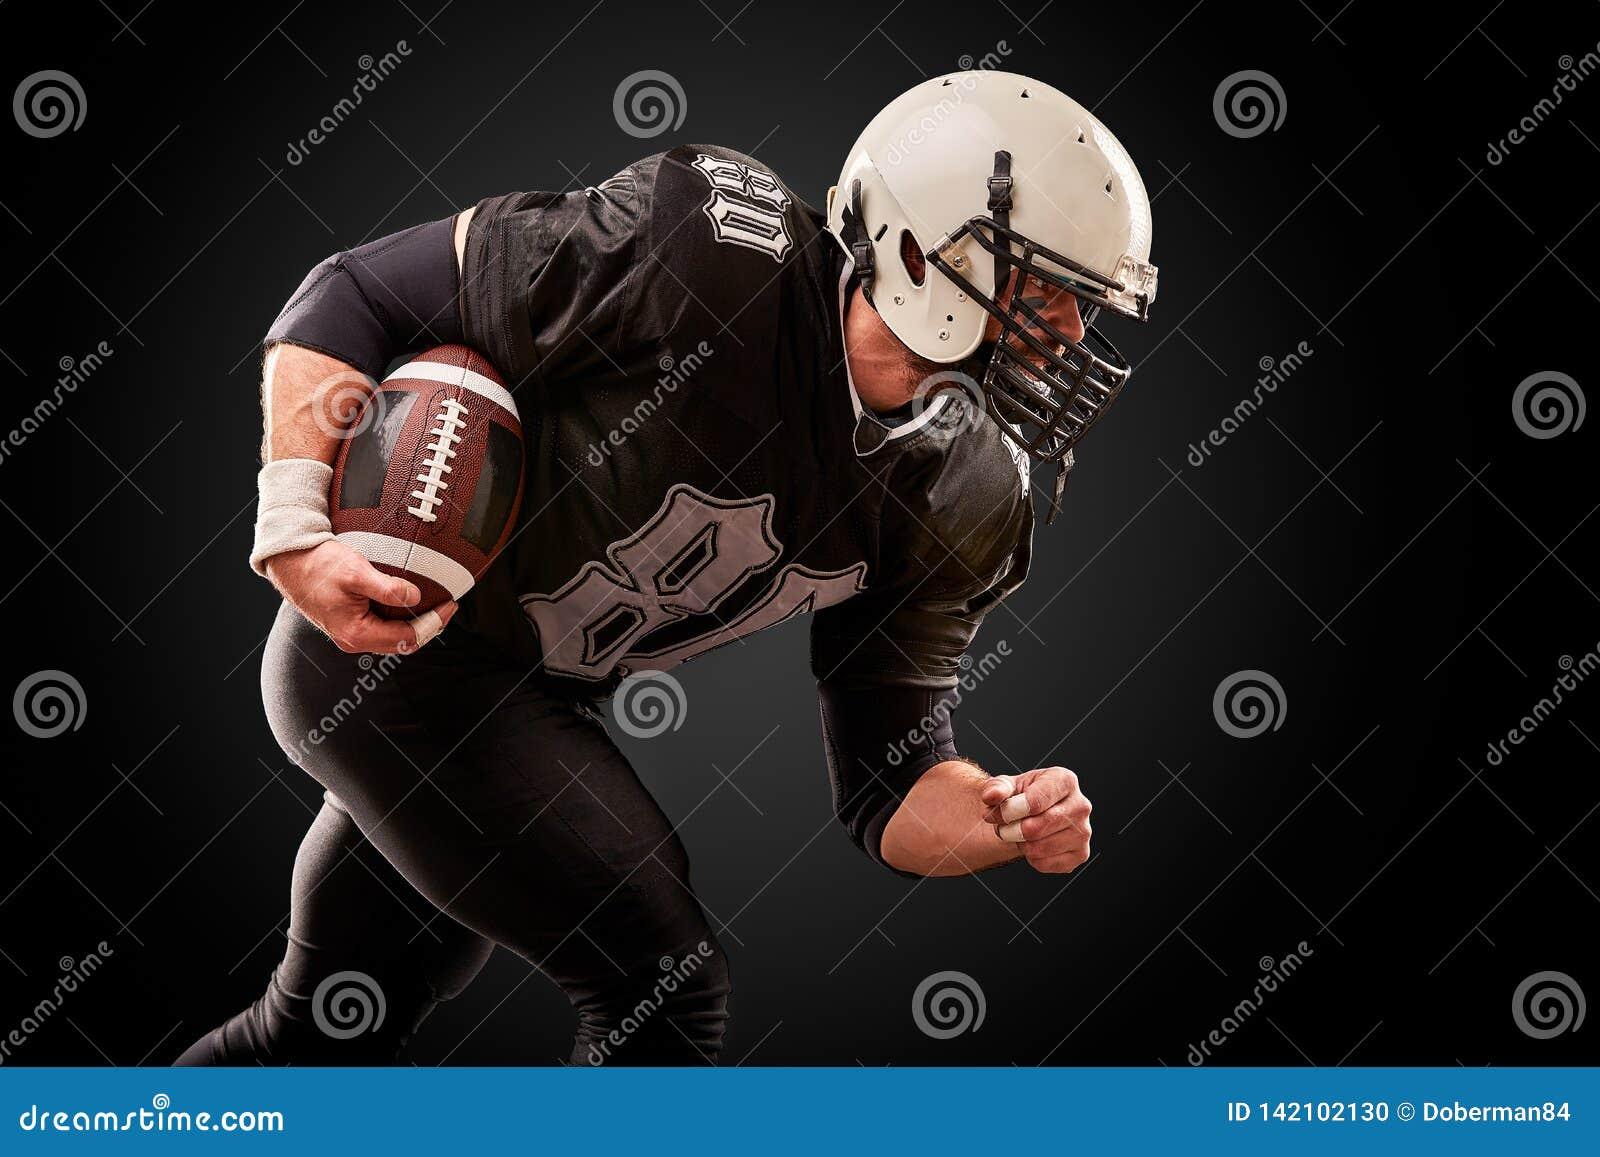 El jugador de fútbol americano en uniforme oscuro con la bola se está preparando para atacar en un fondo negro